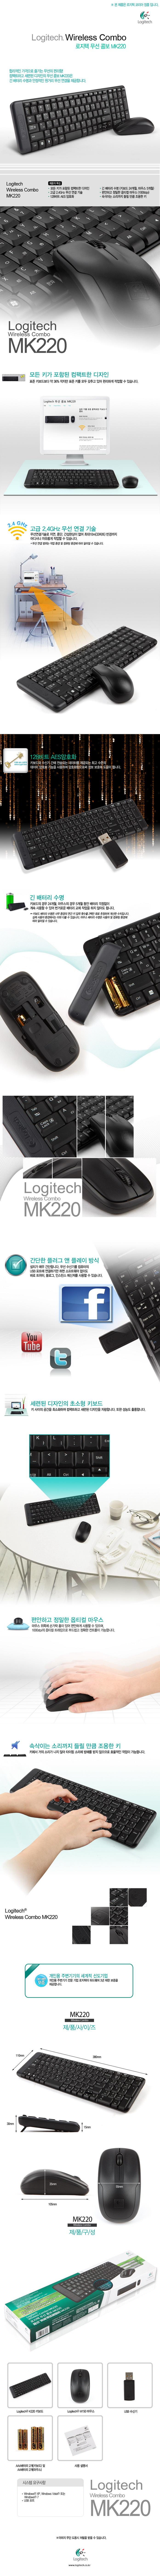 로지텍  Wireless Combo MK220(정품)